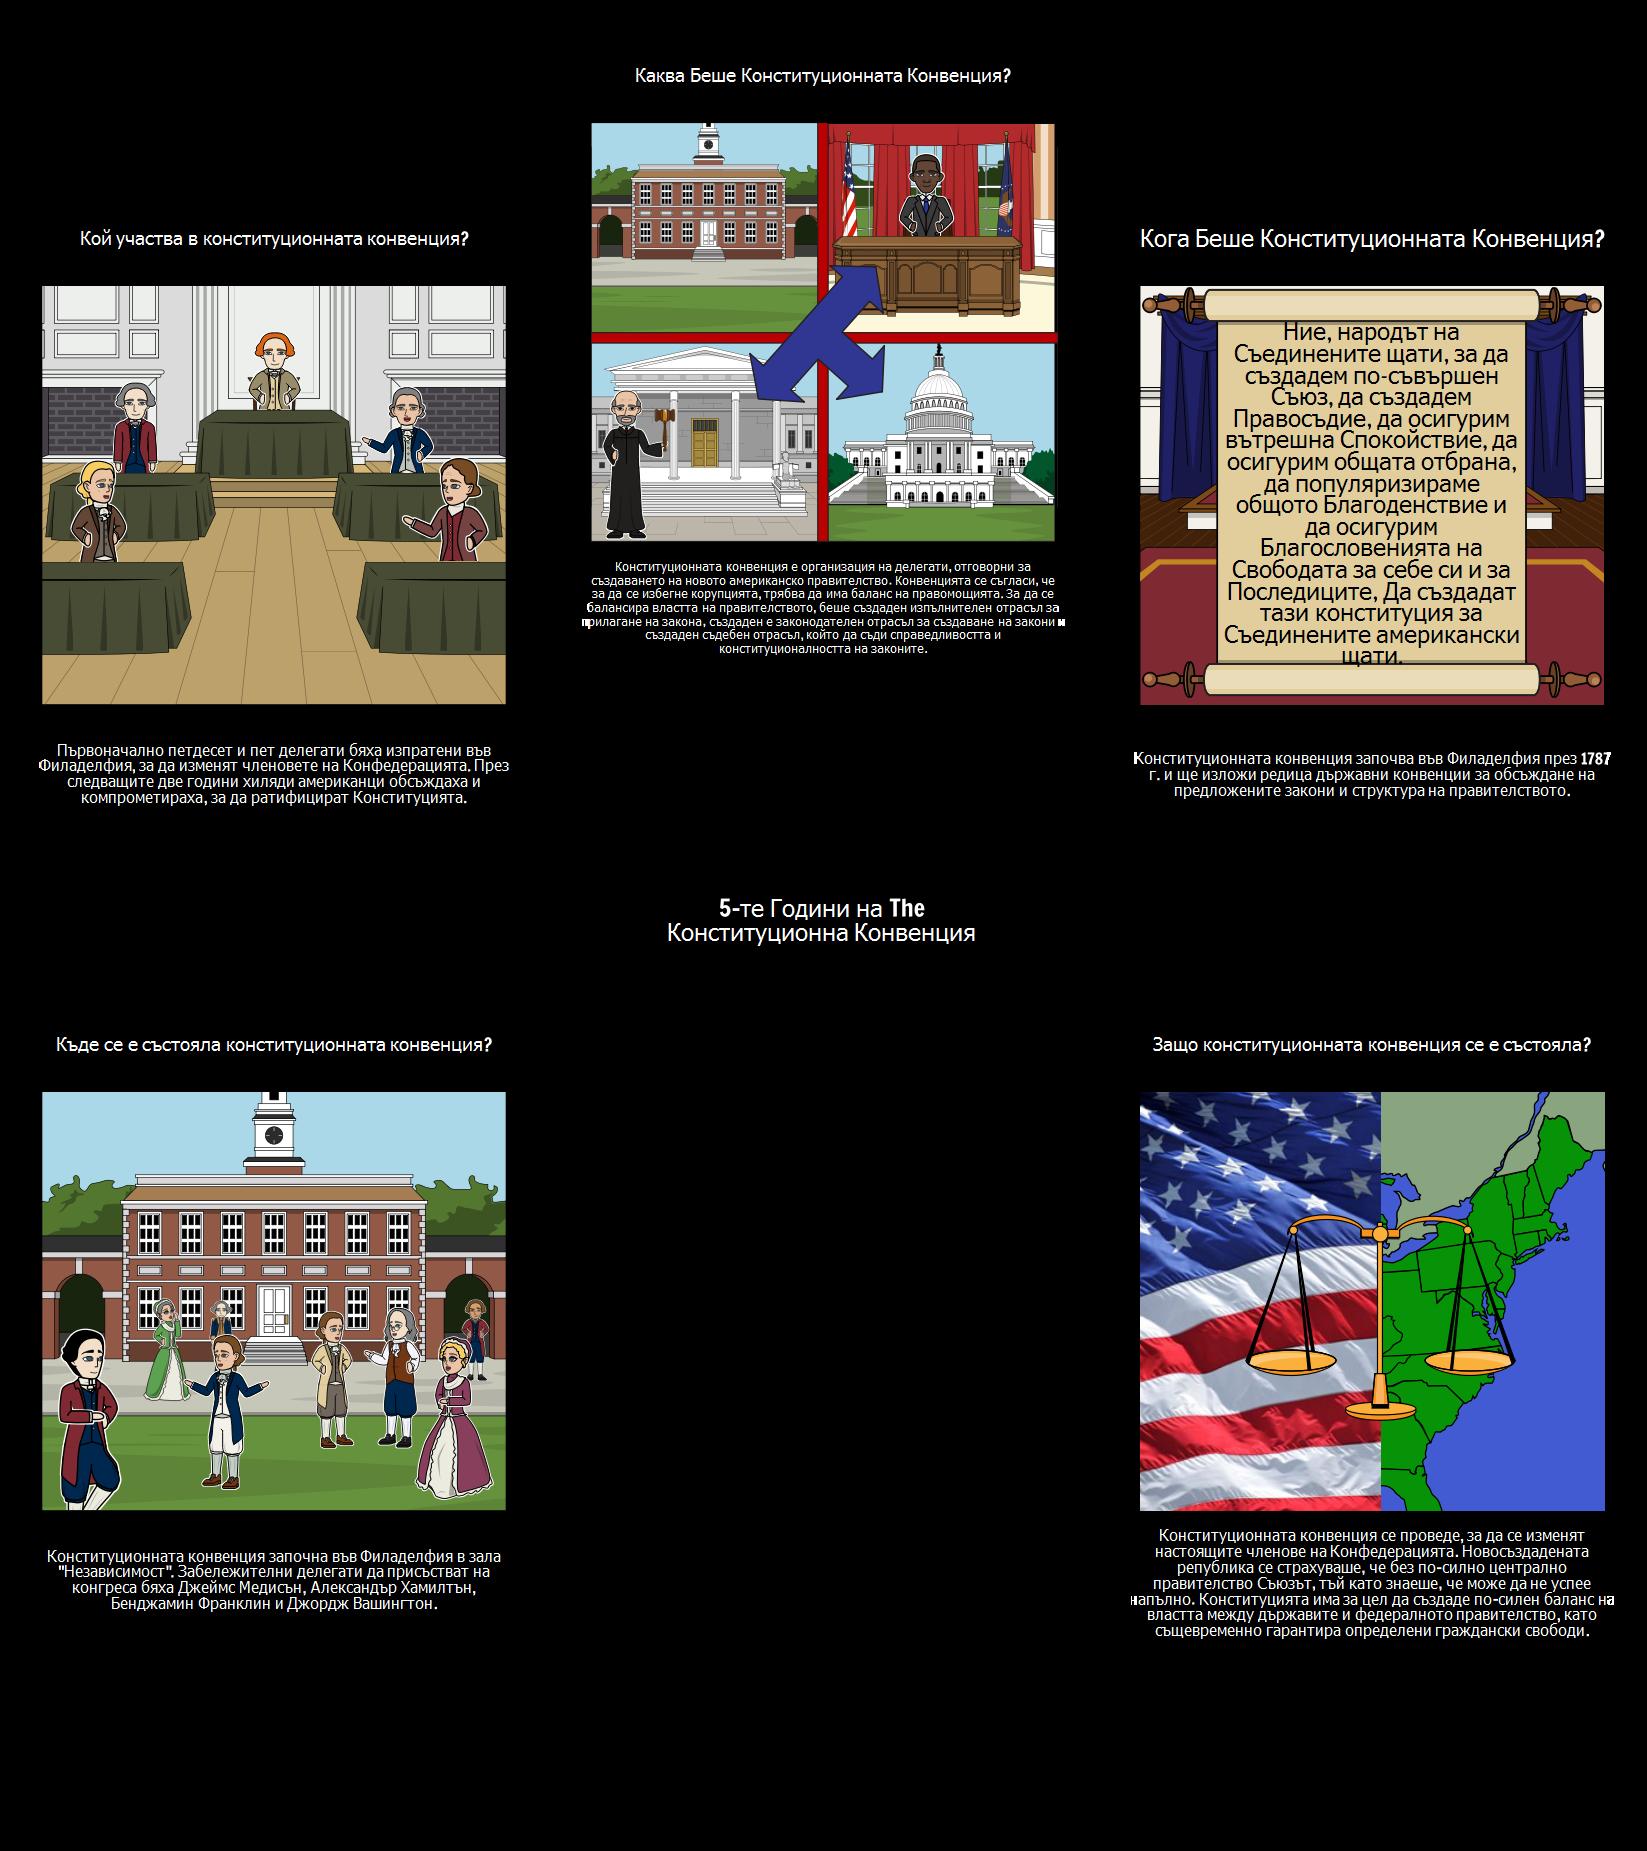 5Ws на Конституционната Конвенция